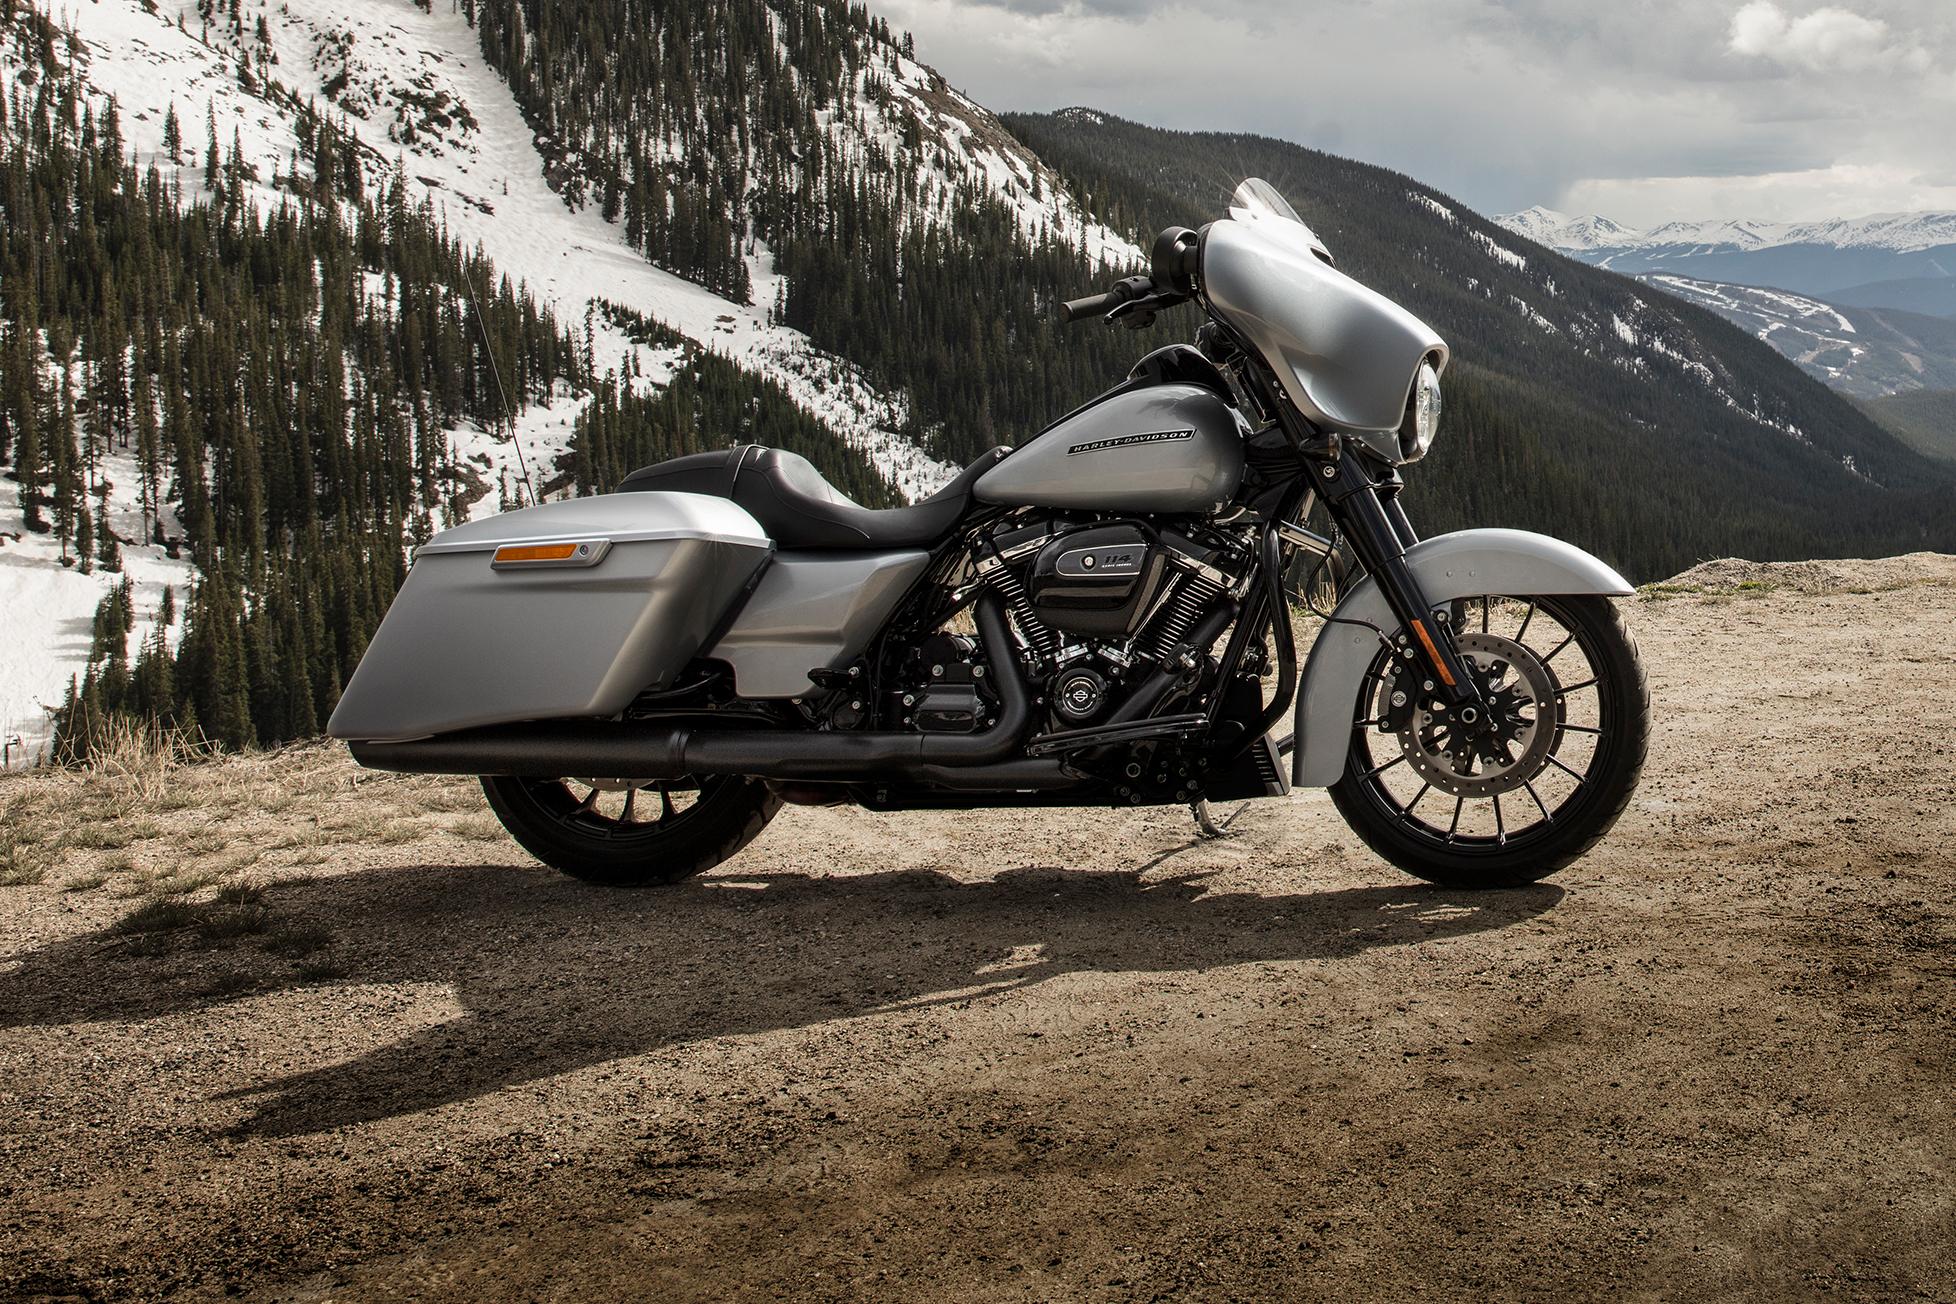 2019 street glide special motorcycle harley davidson. Black Bedroom Furniture Sets. Home Design Ideas